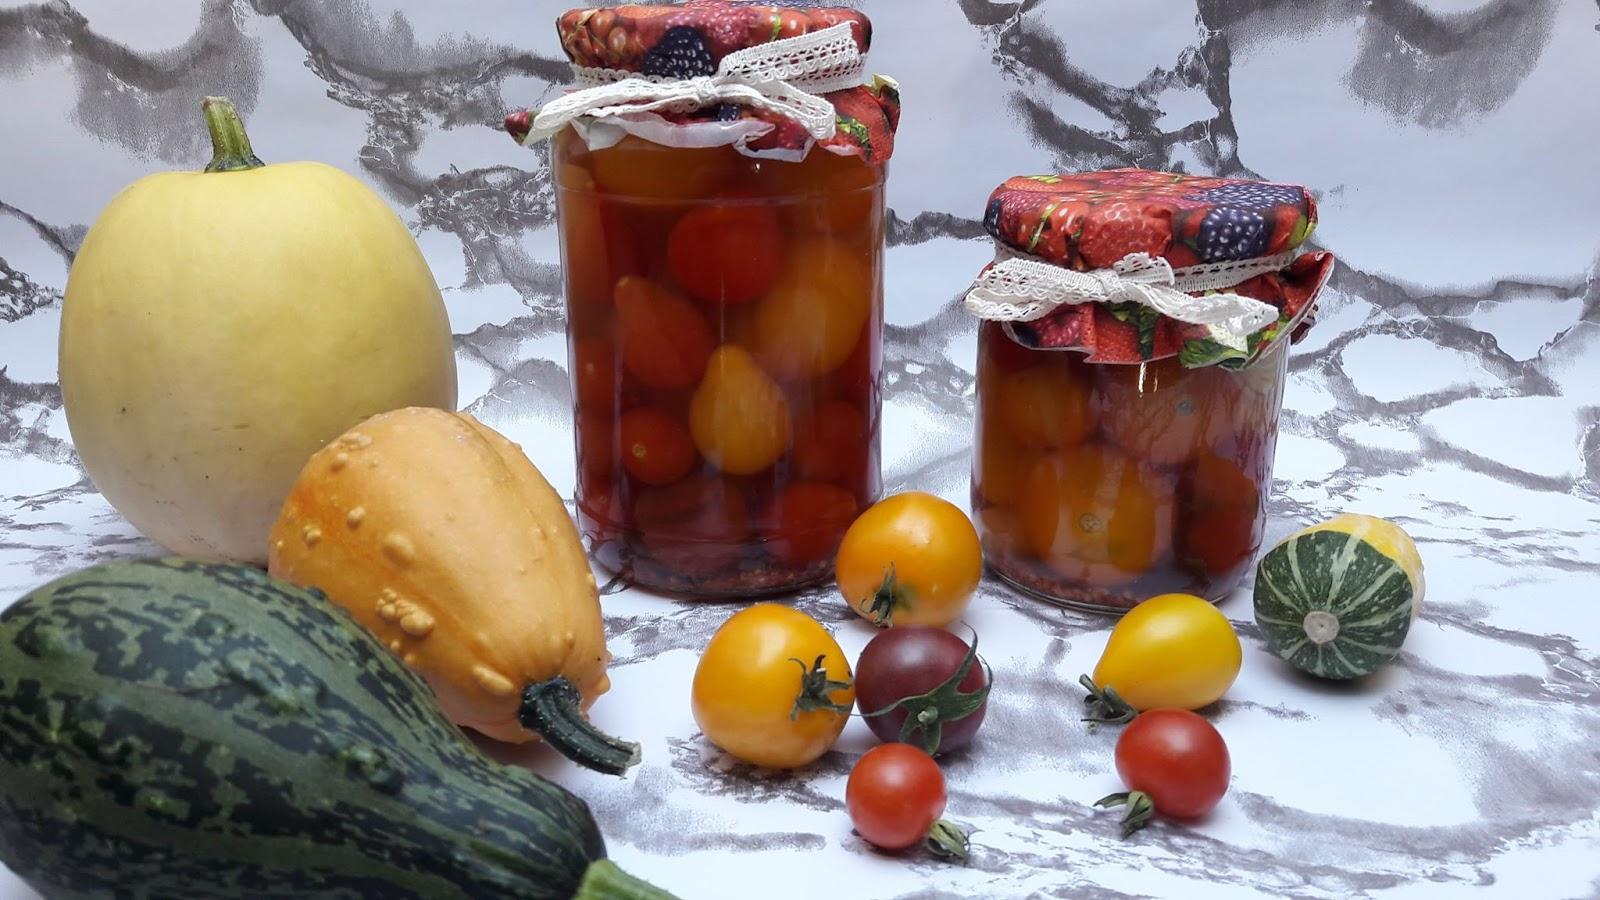 pasteryzcja pomidorów